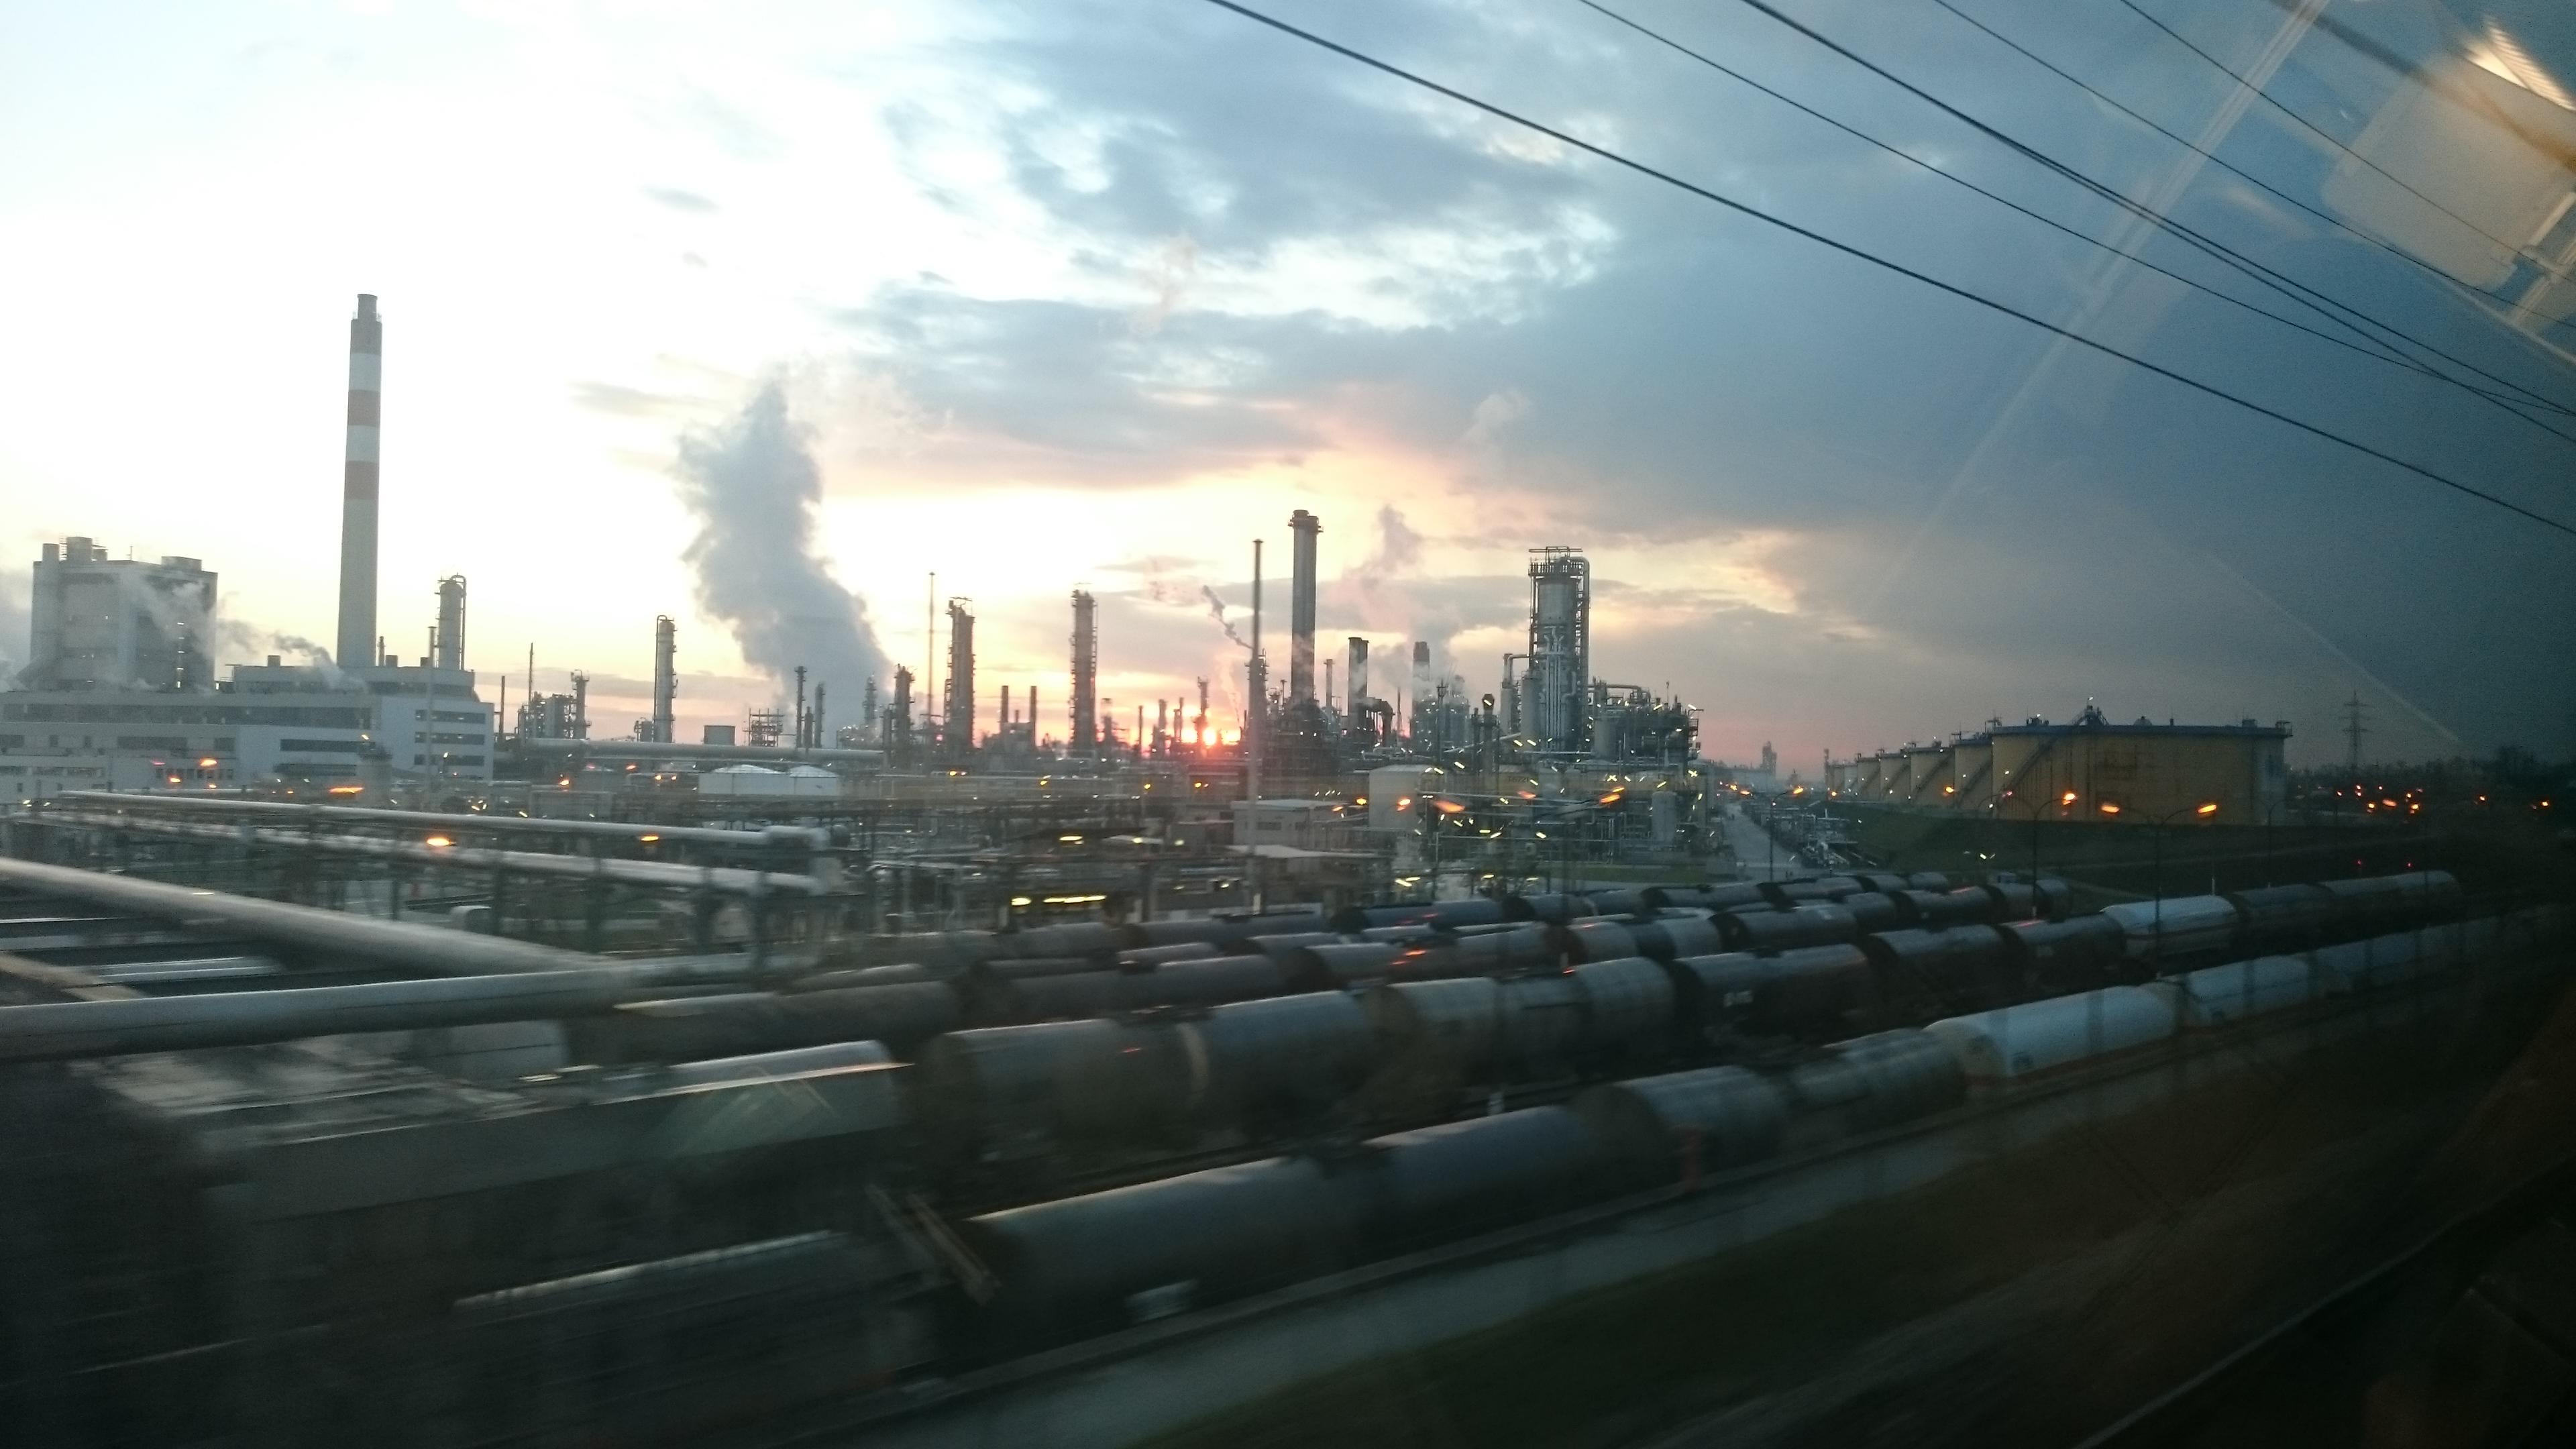 Refinery dawn